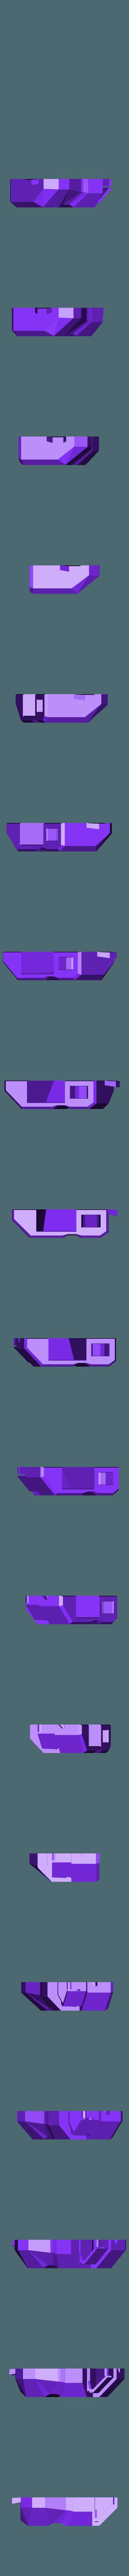 RR_bady_l.stl Télécharger fichier STL La course à pied Rhino • Modèle à imprimer en 3D, Amao